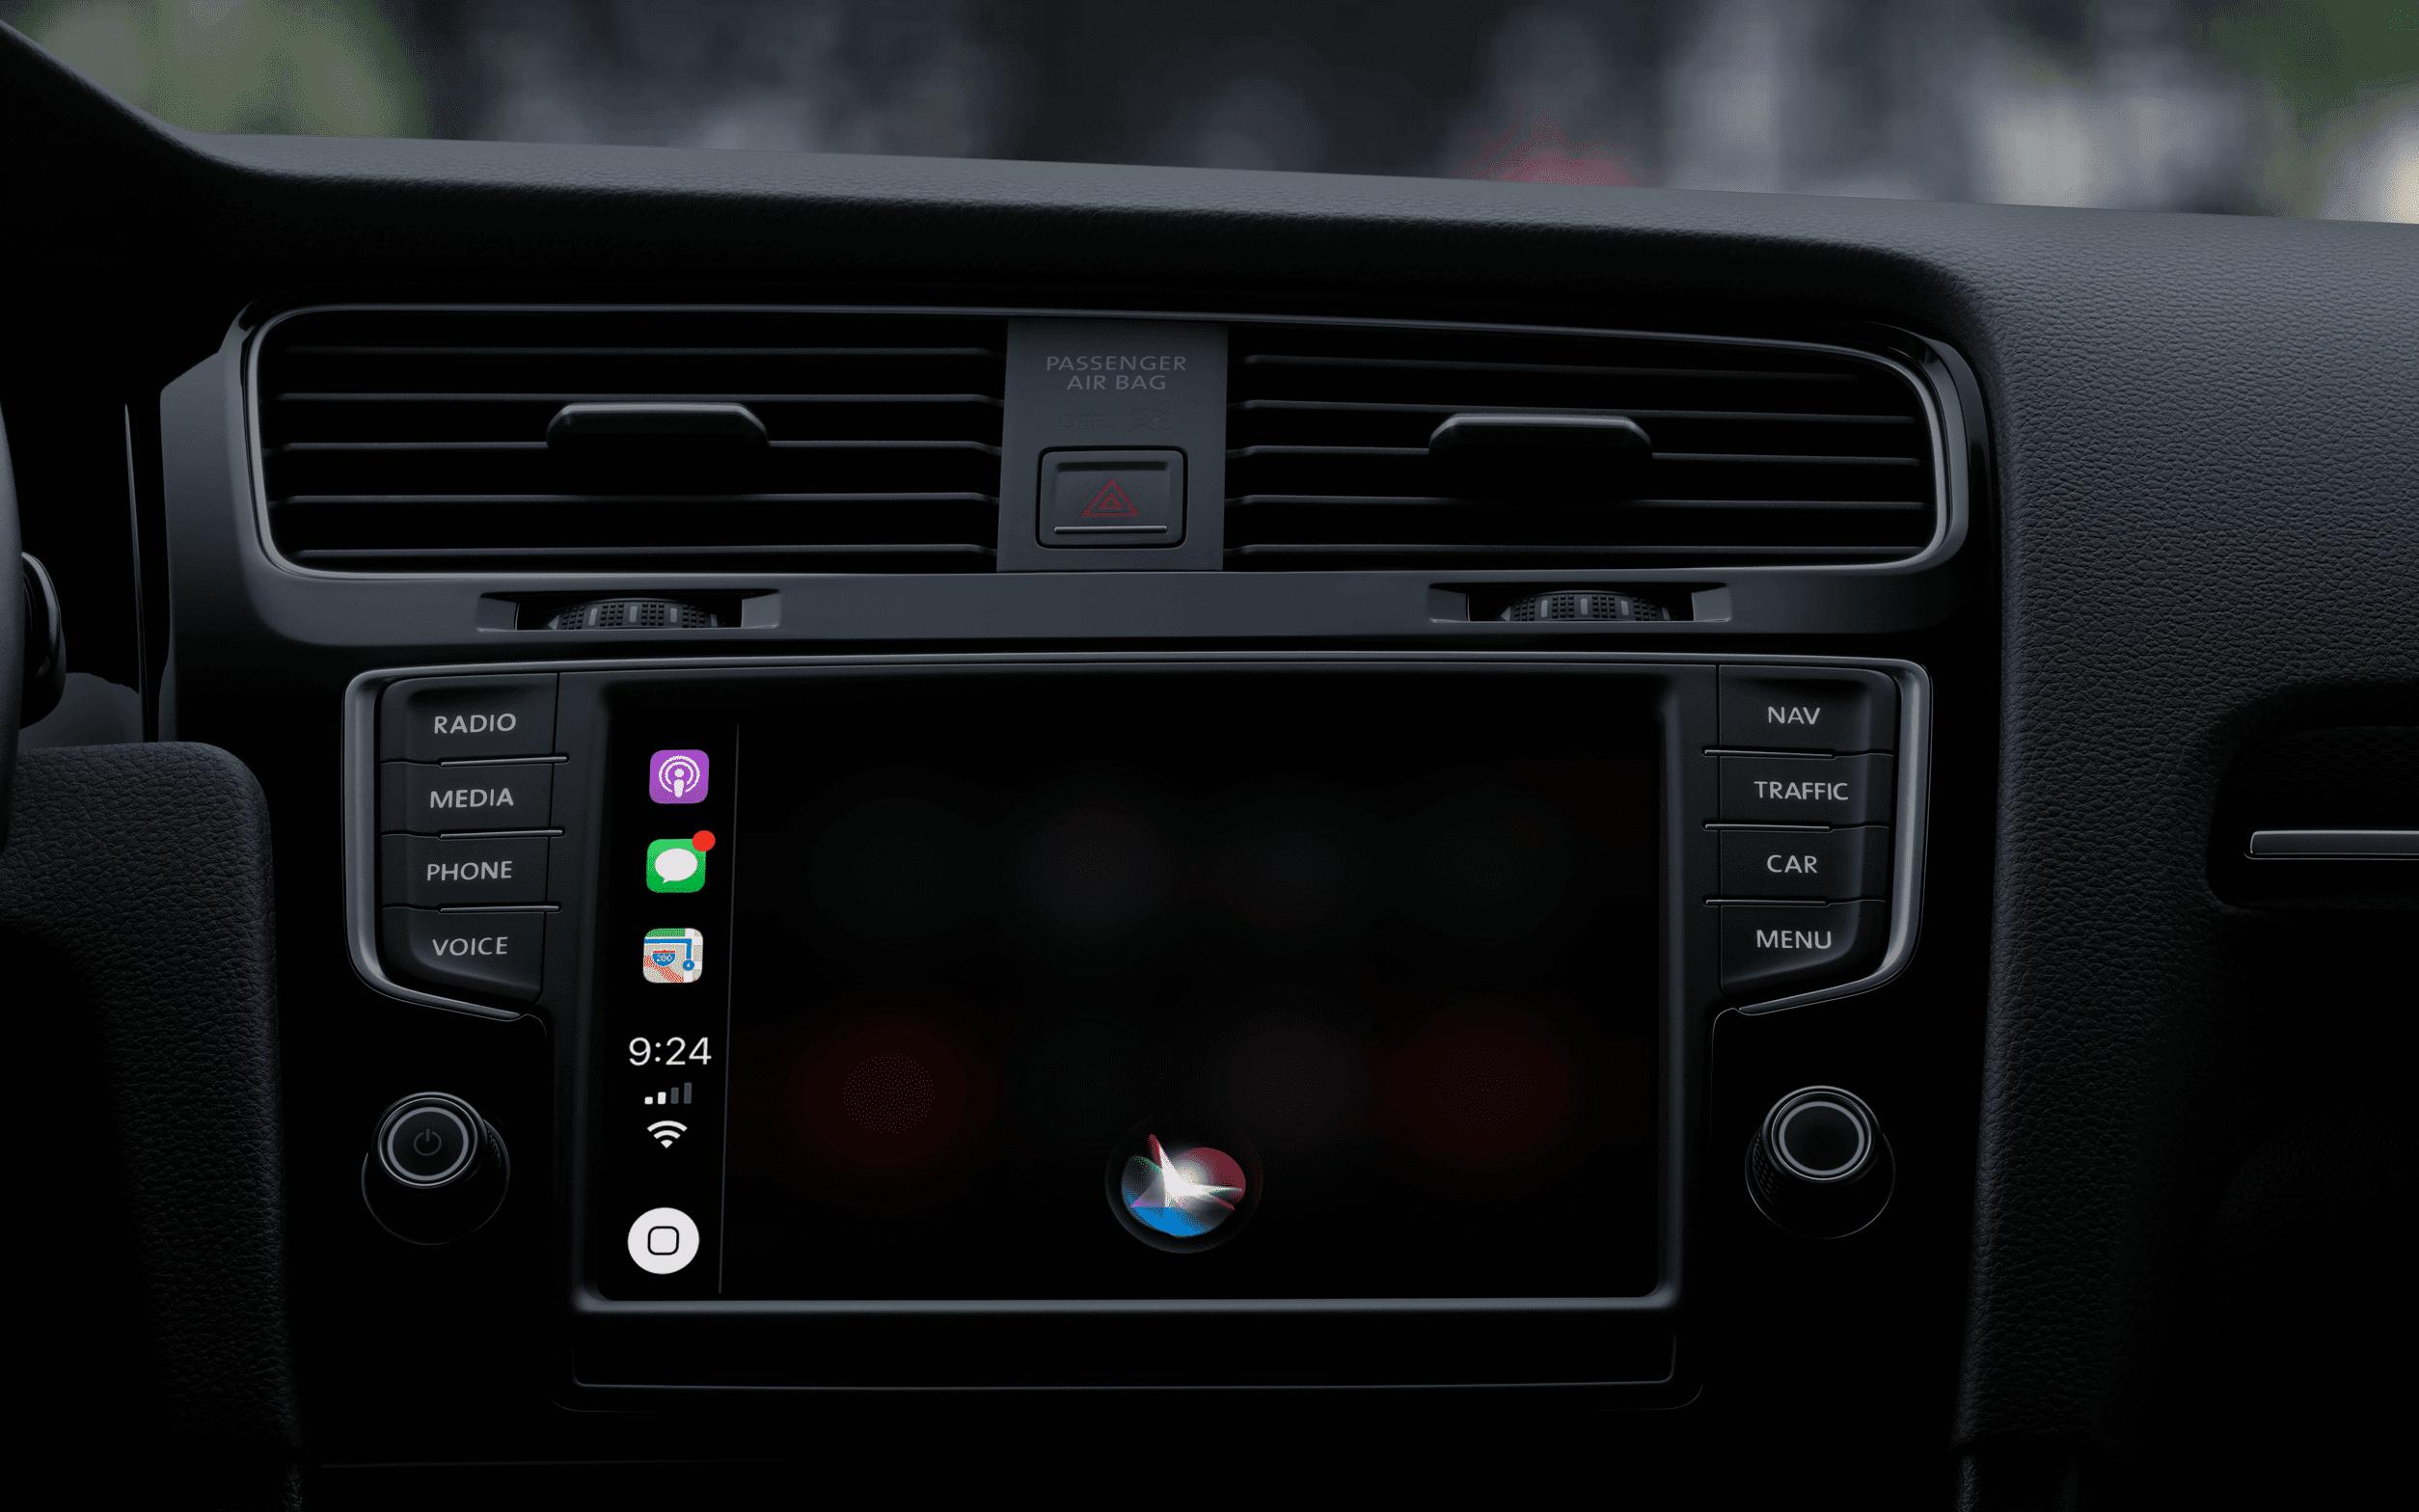 Siri on Apple CarPlay